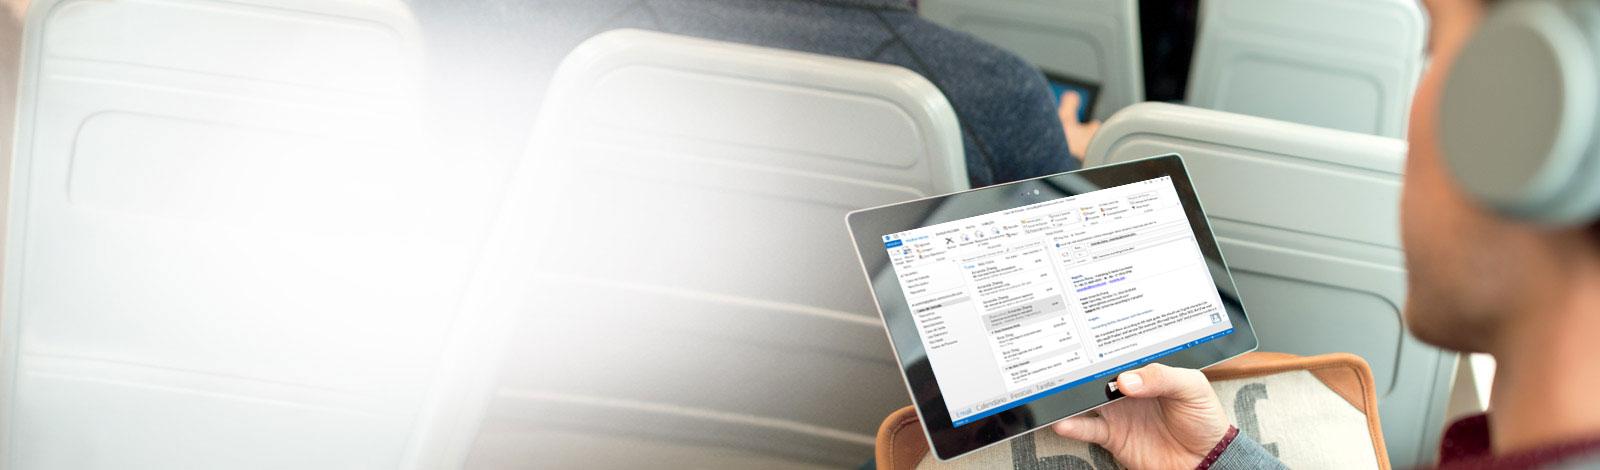 Um homem segurando um tablet mostrando sua caixa de correio. Acesse emails em praticamente qualquer lugar com o Office 365.